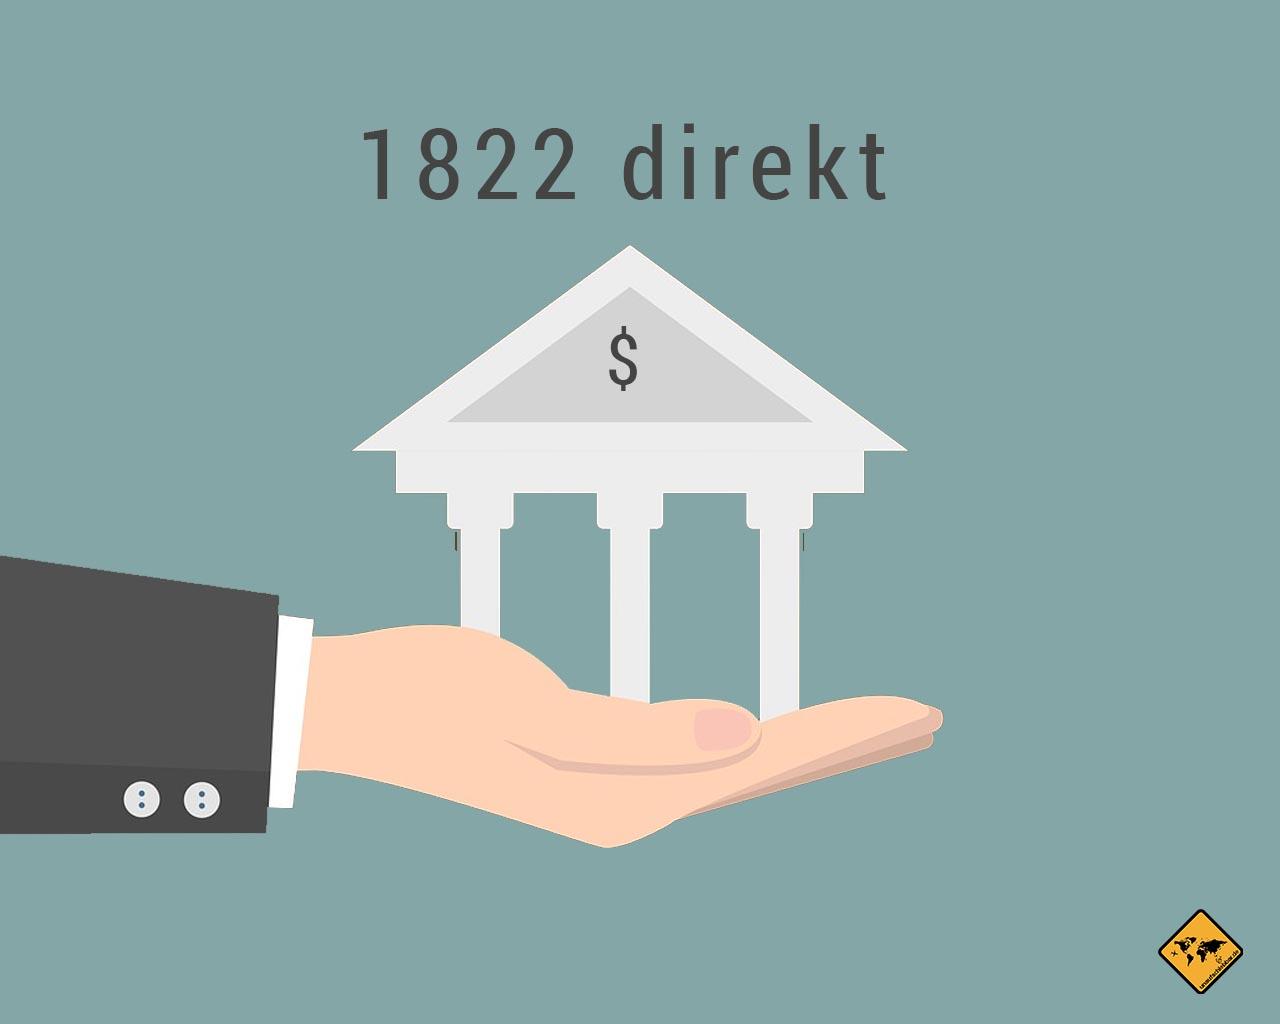 1822 direkt Girokonto Kreditkarte